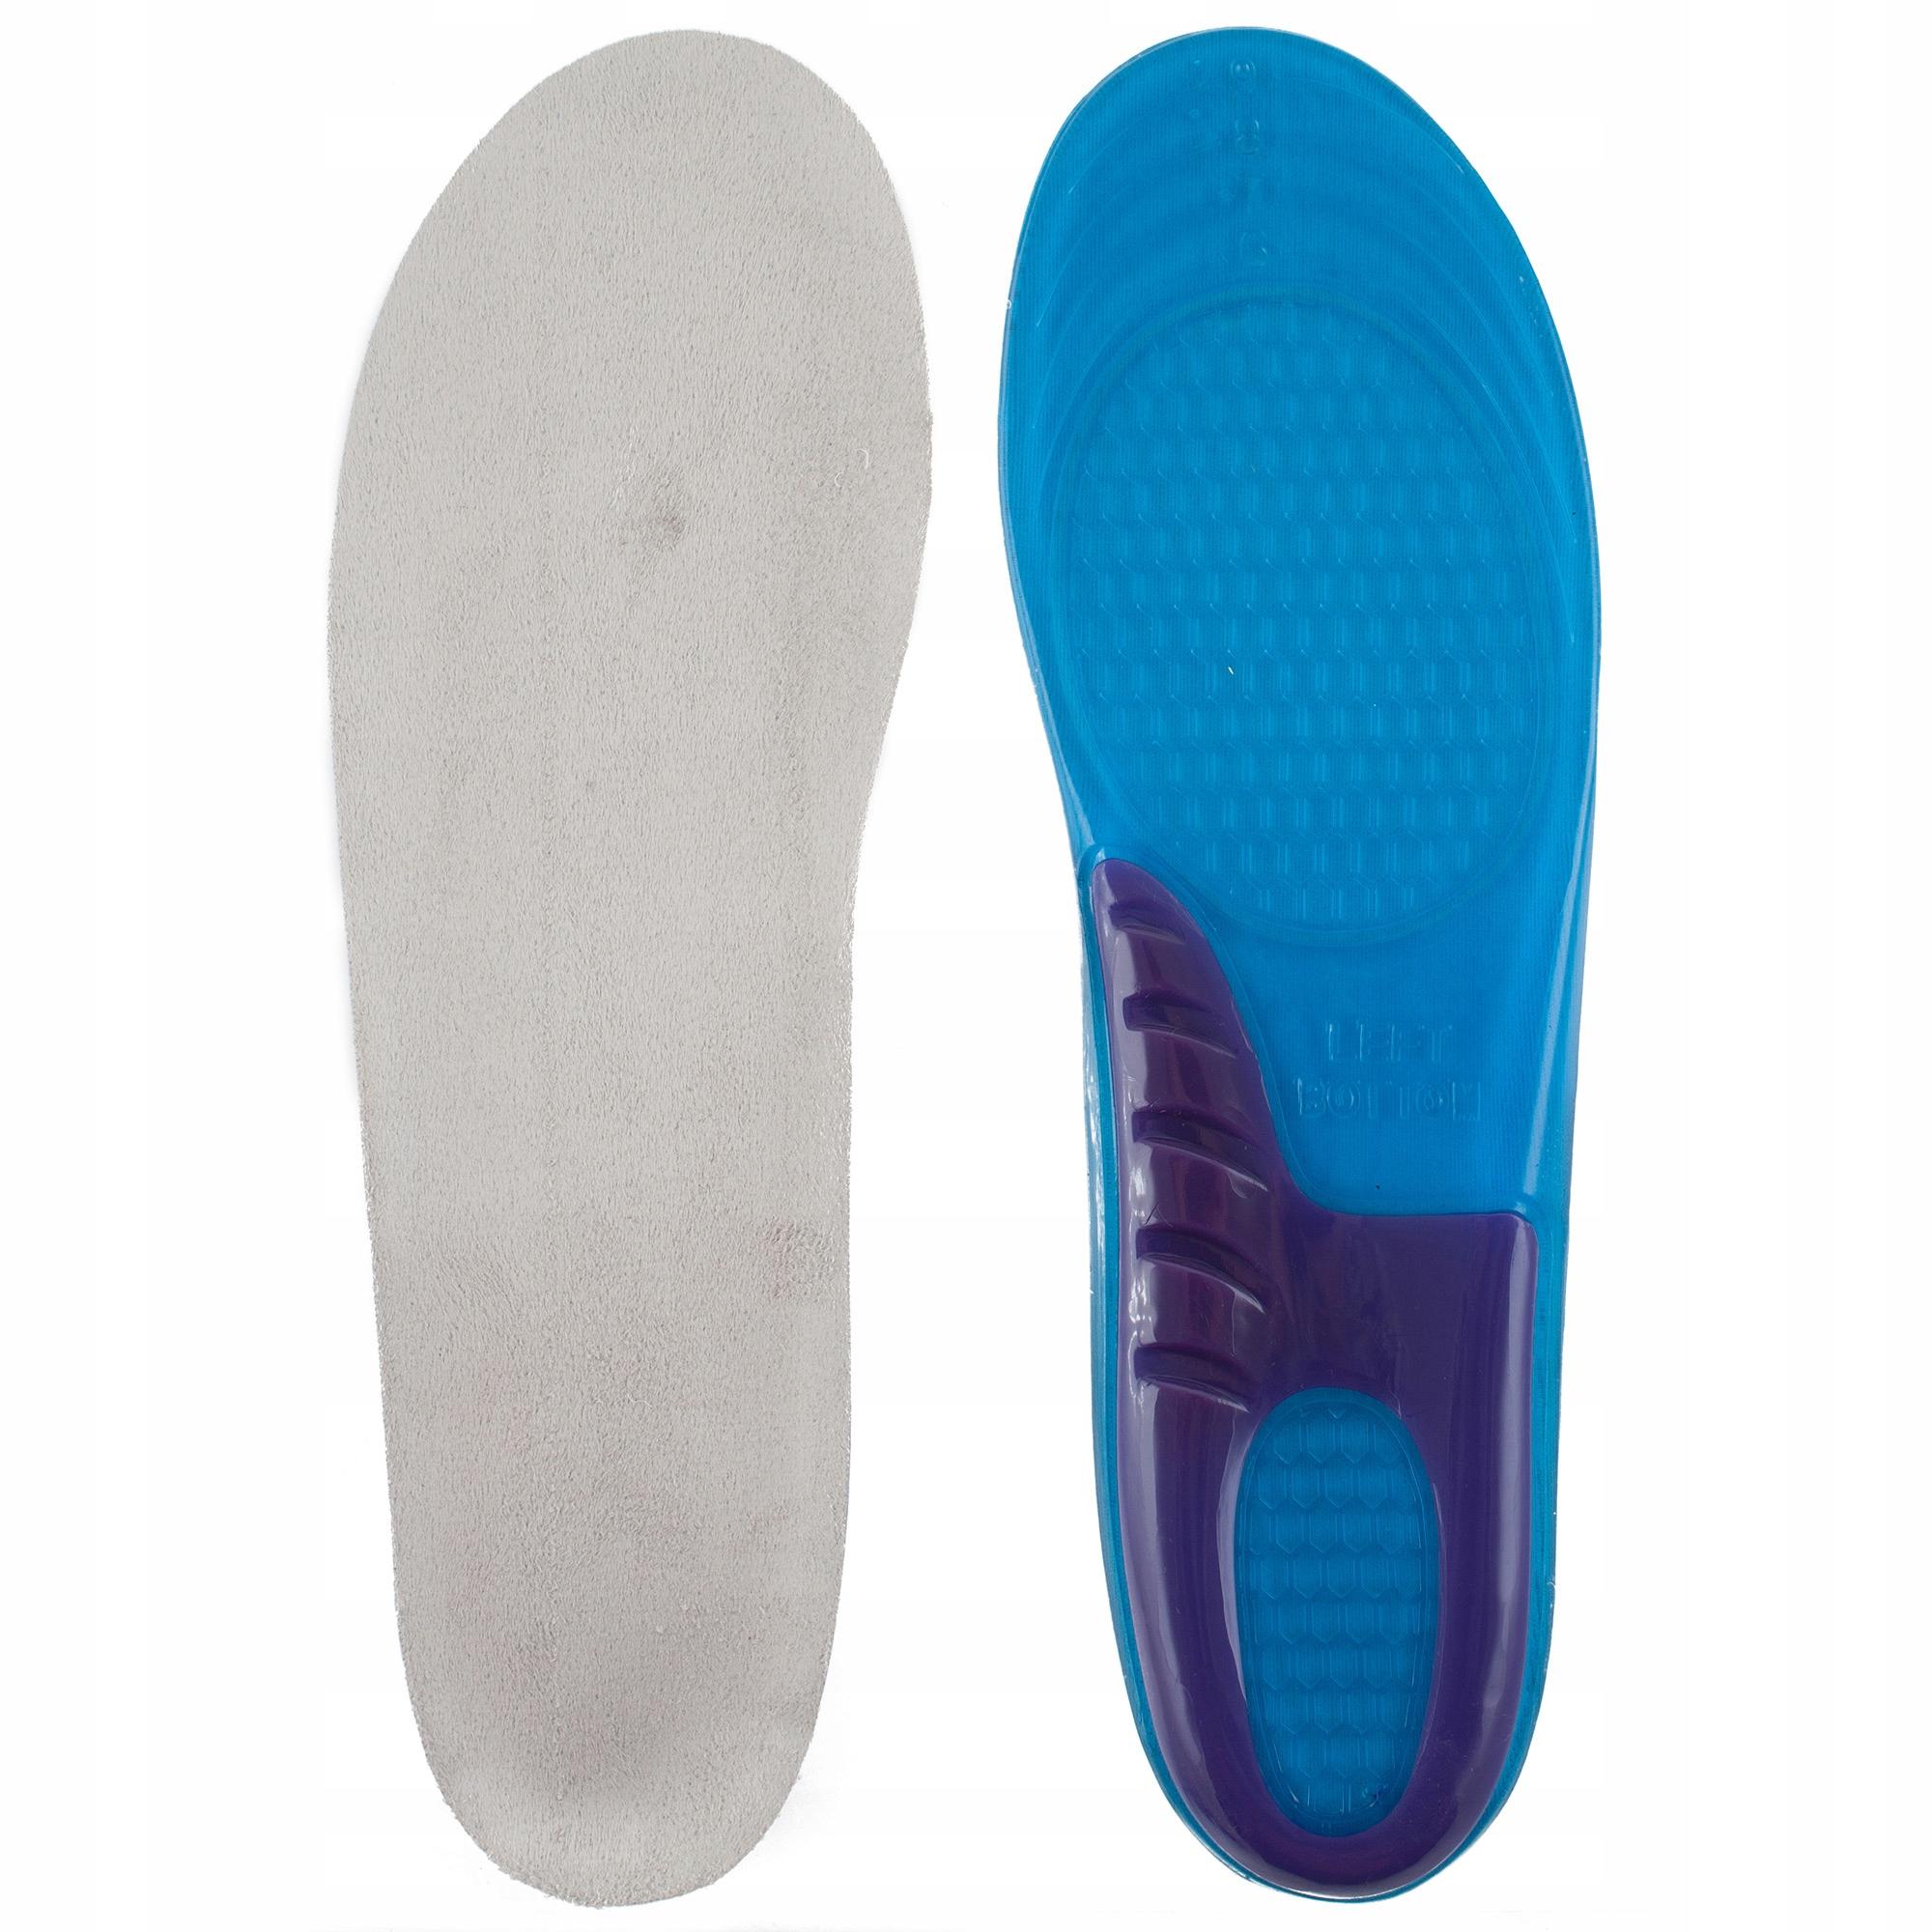 Гелевые стельки для обуви ортопедические шпоры на